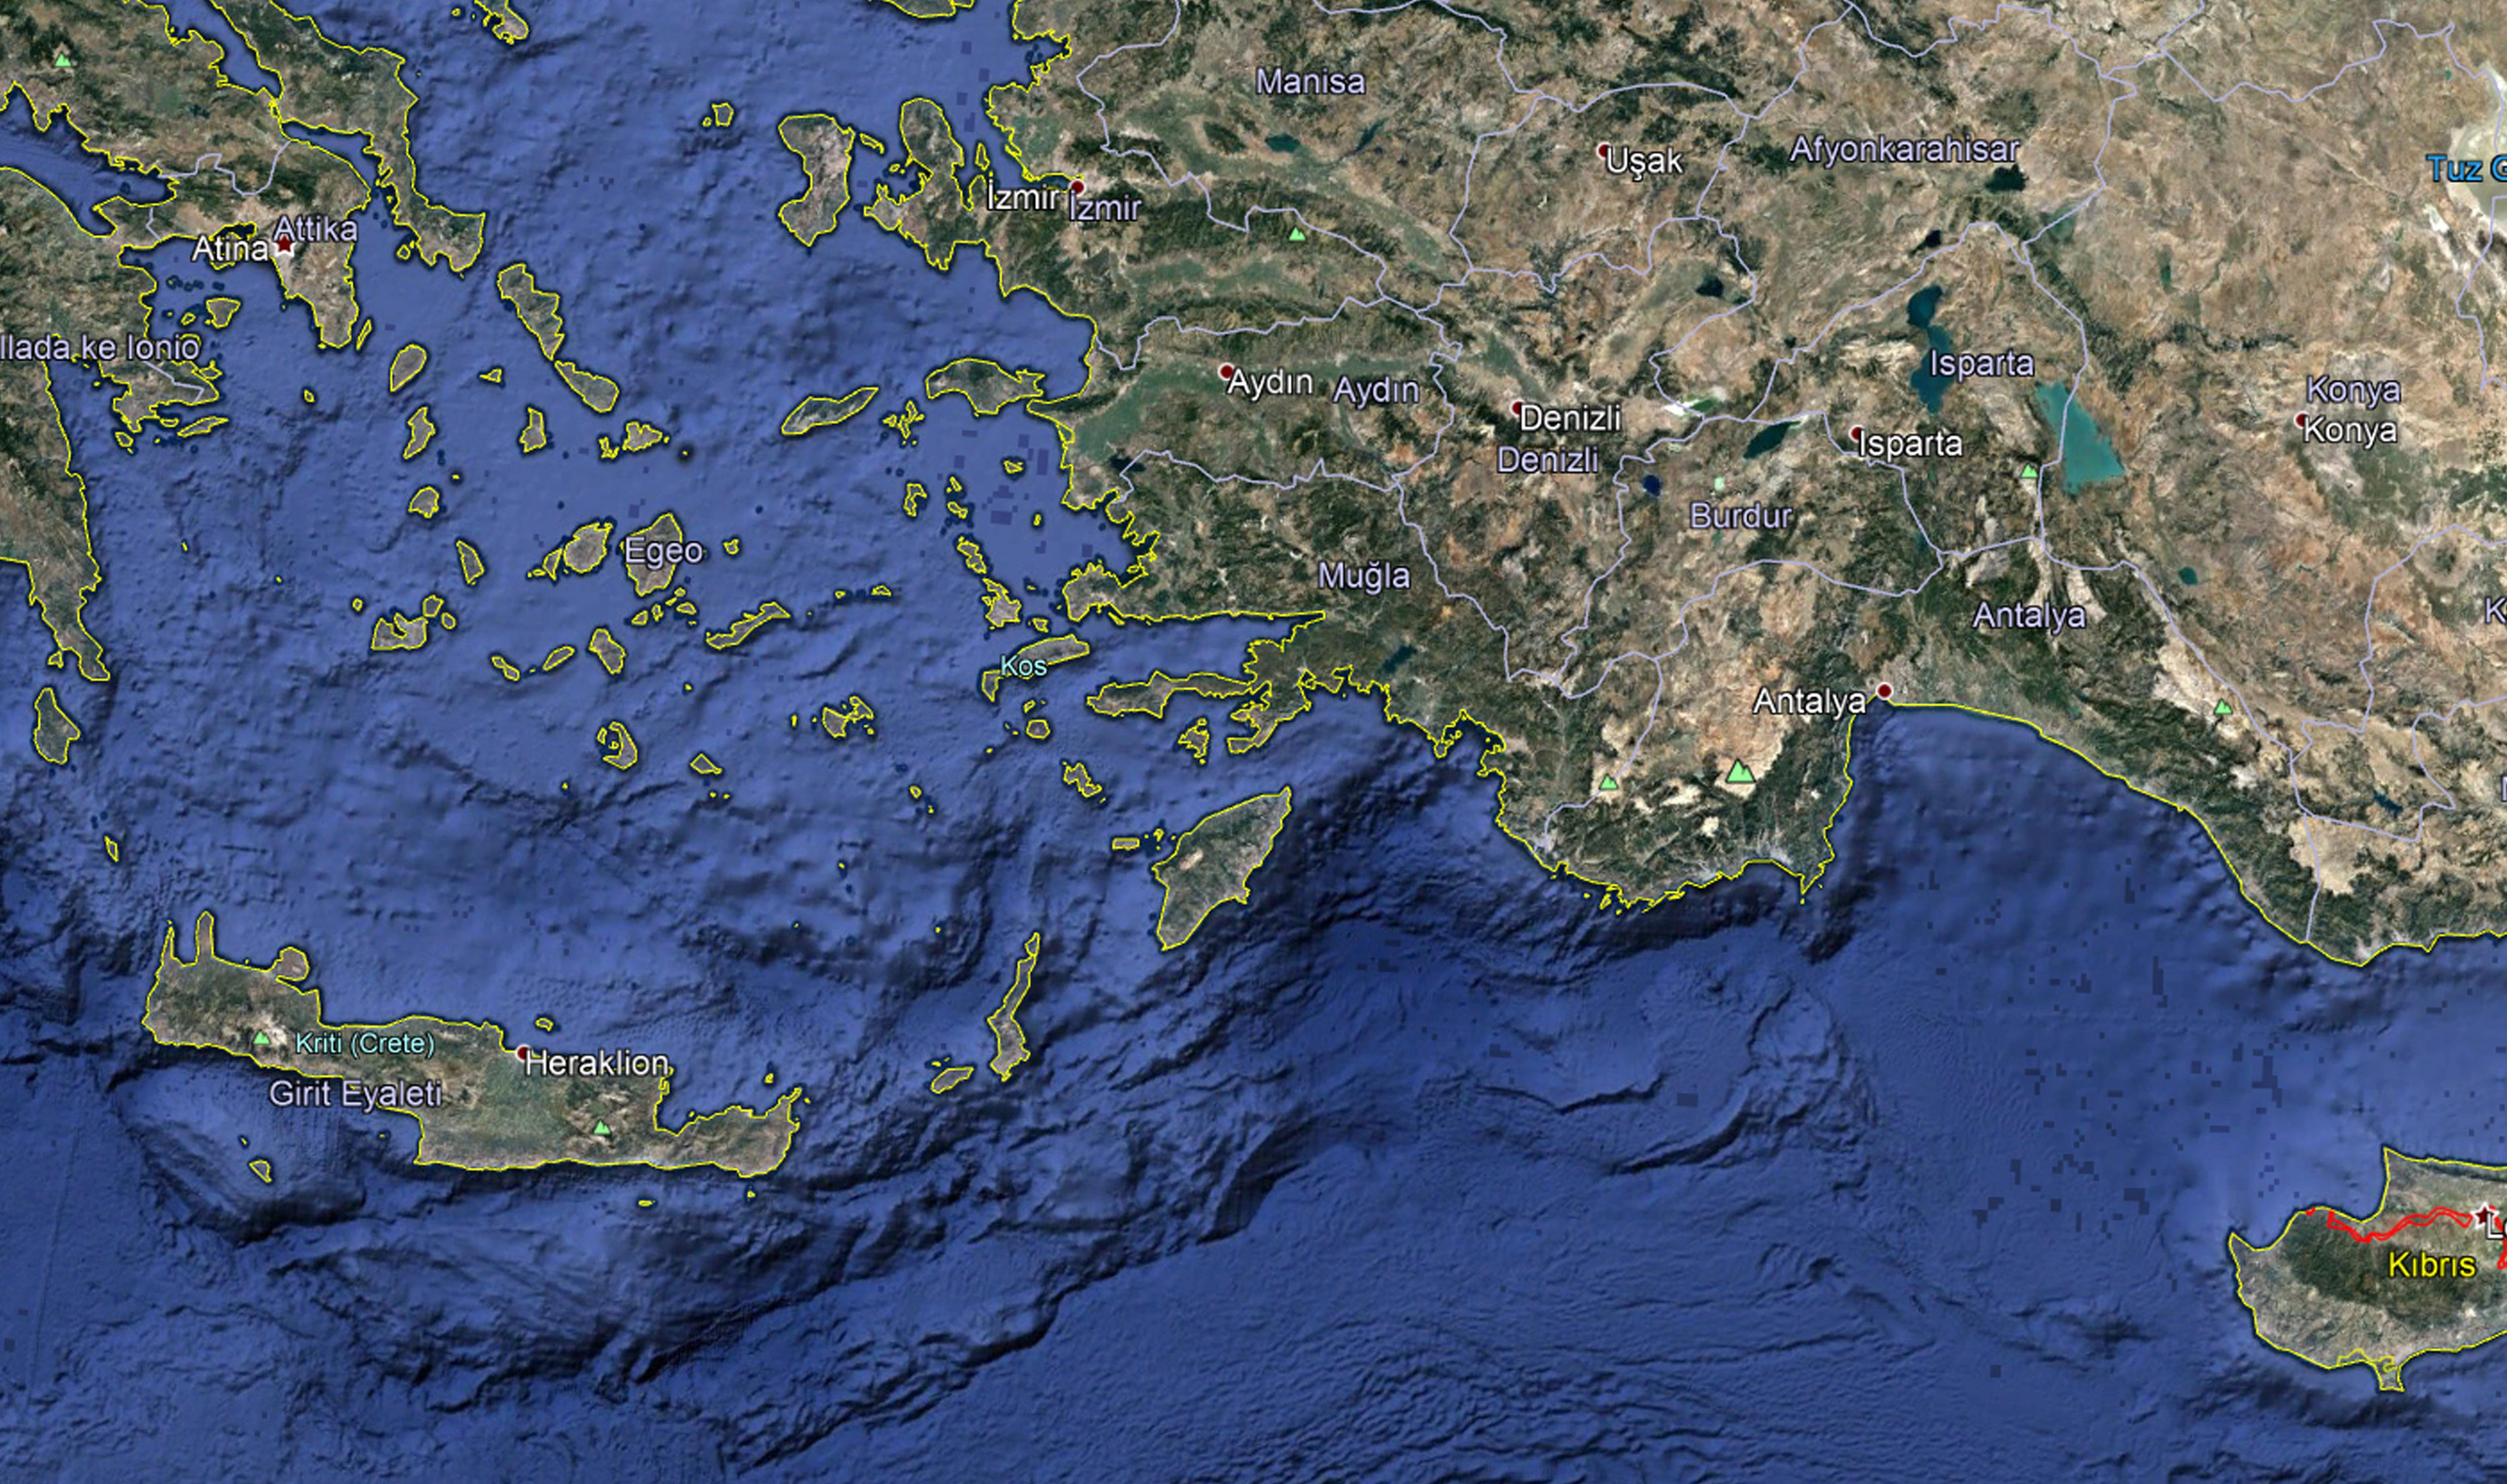 jeofizik-uzmani-yuklu-akdenizde-7nin-uzerinde-deprem-bekliyoruz-8601-dhaphoto3-1.jpg